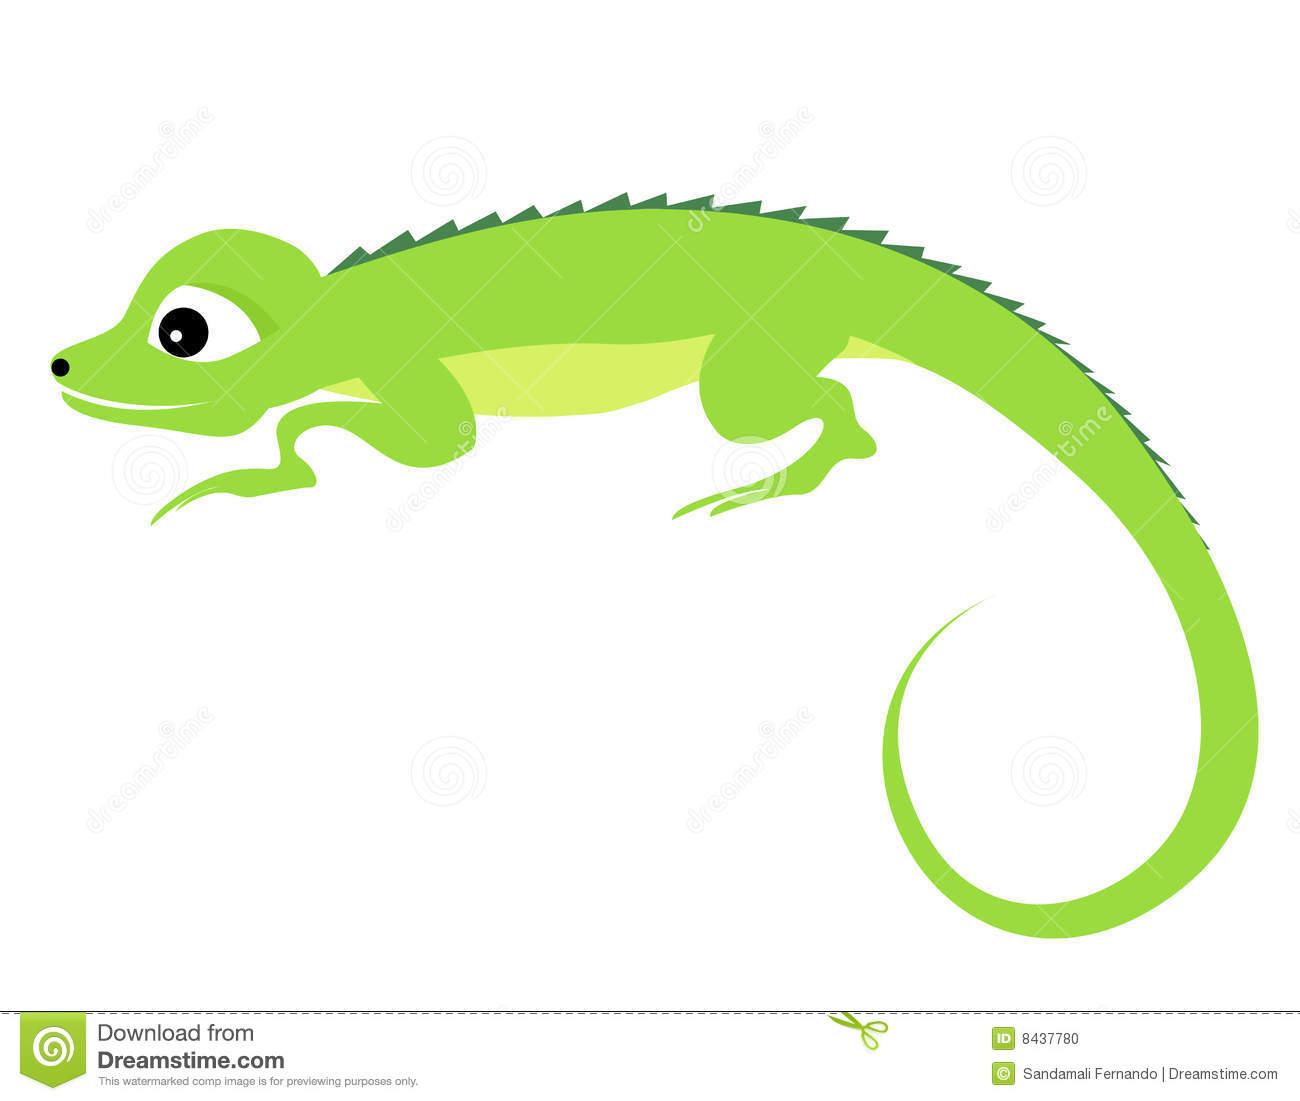 Cute iguana clipart picture free Cute Lizard Clipart | Free download best Cute Lizard Clipart ... picture free